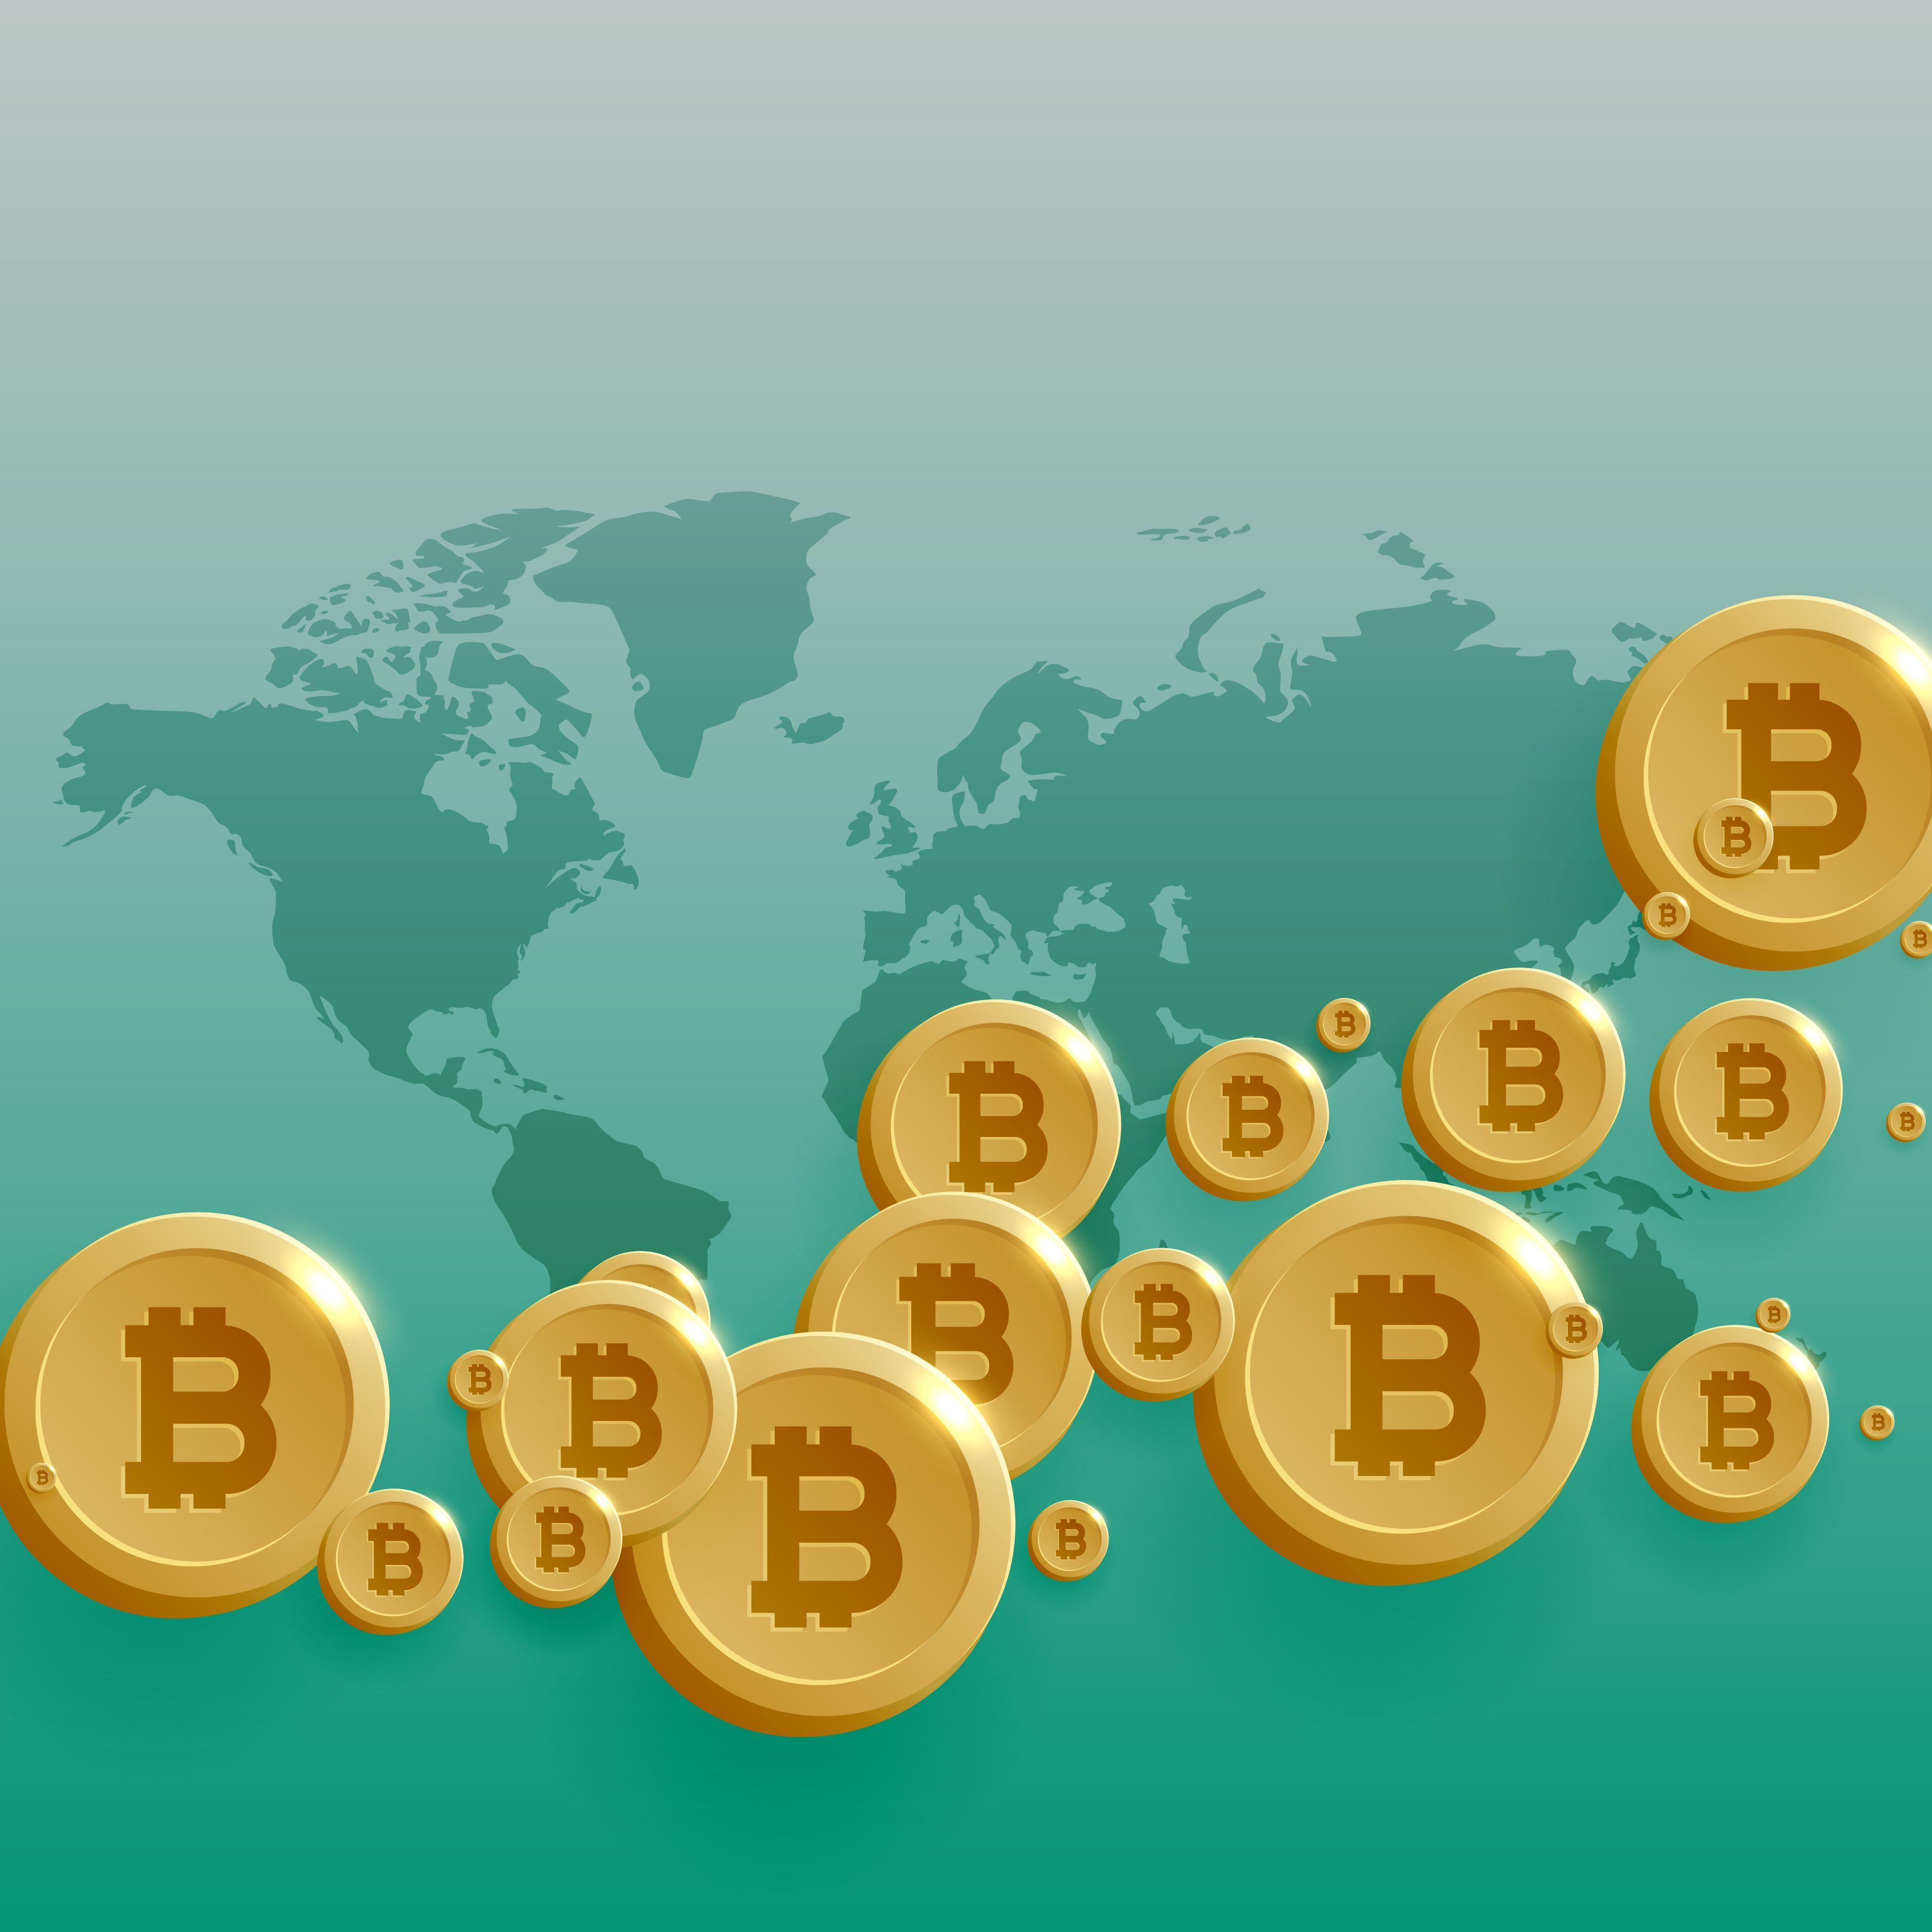 стратегия биткоинами торговли-11